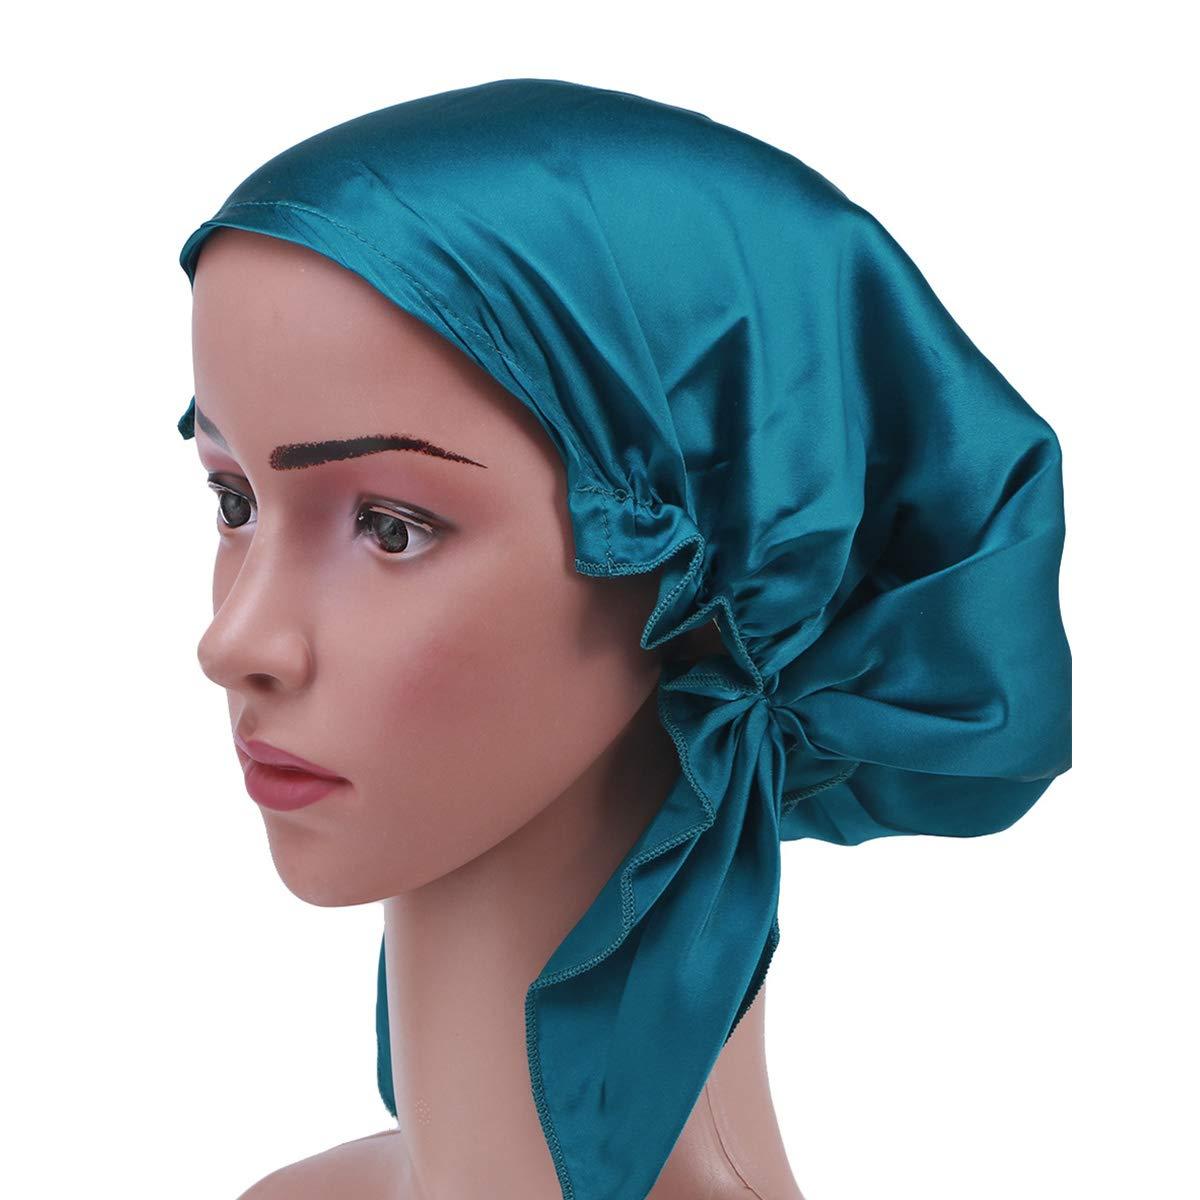 Frcolor Berretto da notte di seta di gelso capelli lunghi bonnet cappello cofano di capelli di notte per le donne ragazze (blu)